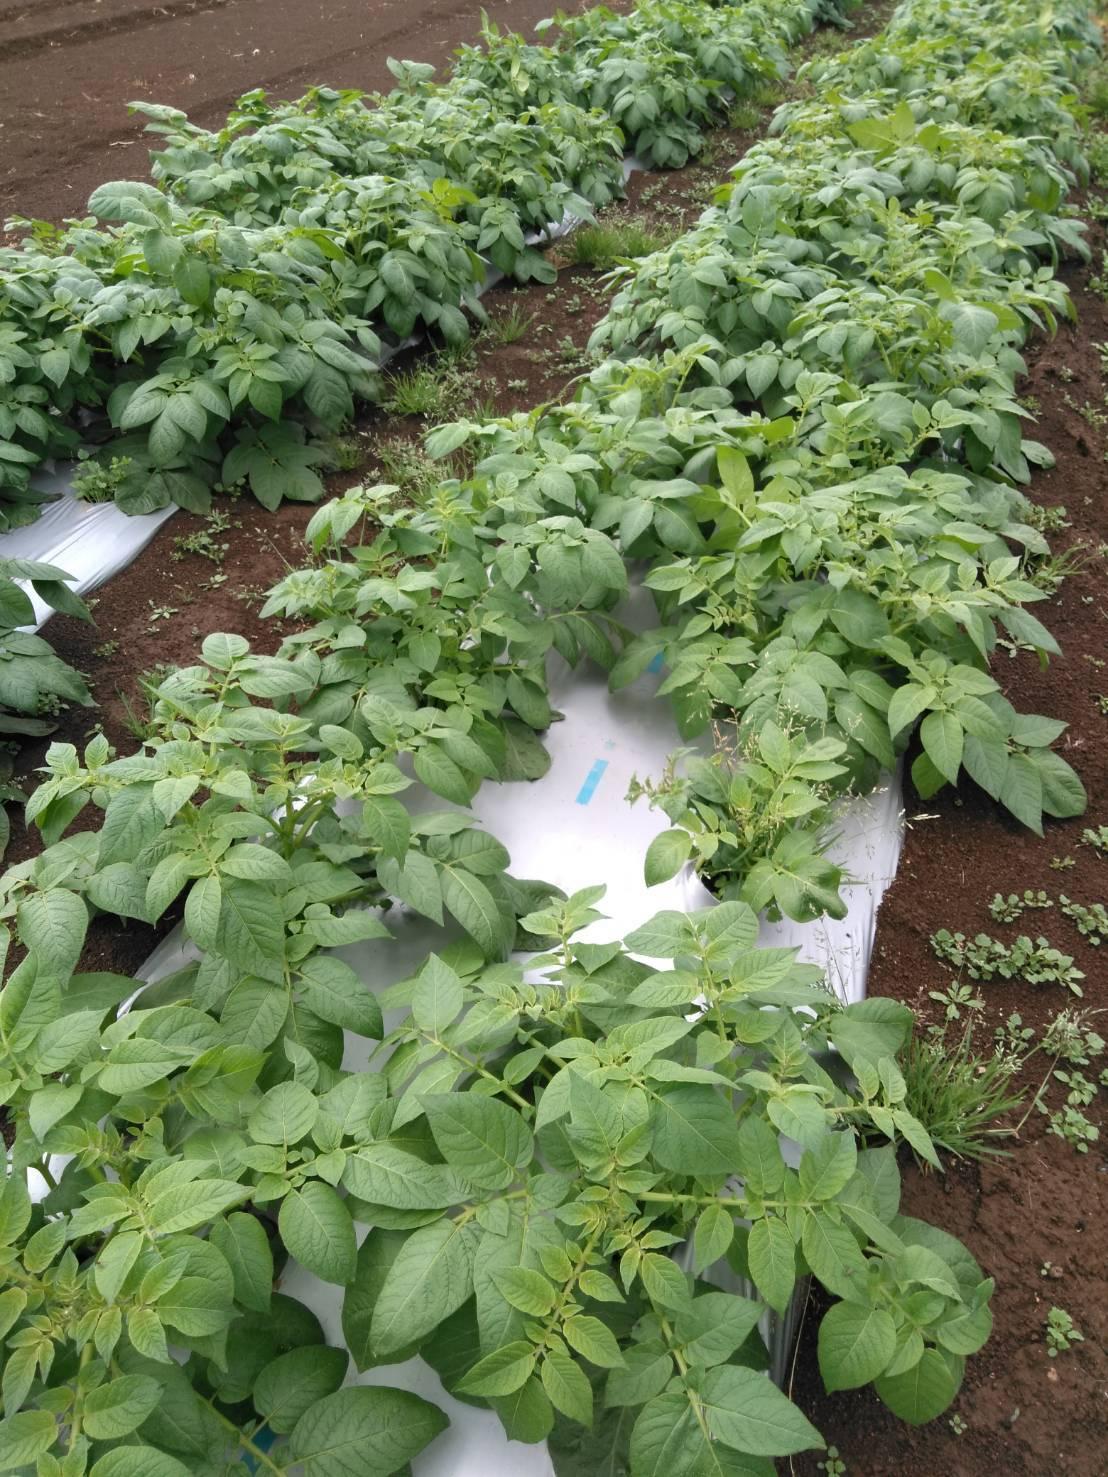 トマトの定植今朝を予定していましたが 雨で断念 明日水が引いたら・・・_c0222448_15445635.jpg